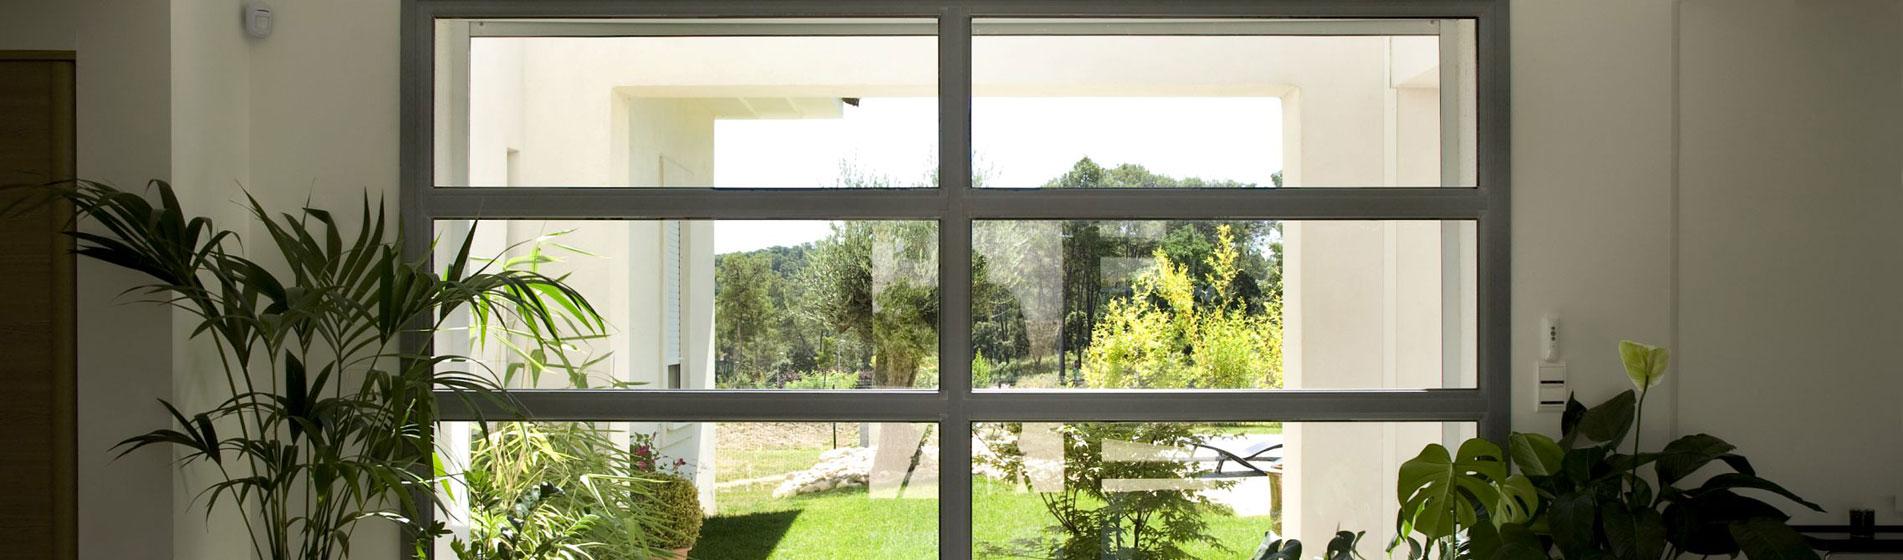 achat baie vitrée sur-mesure 13 Bouches-du-Rhône